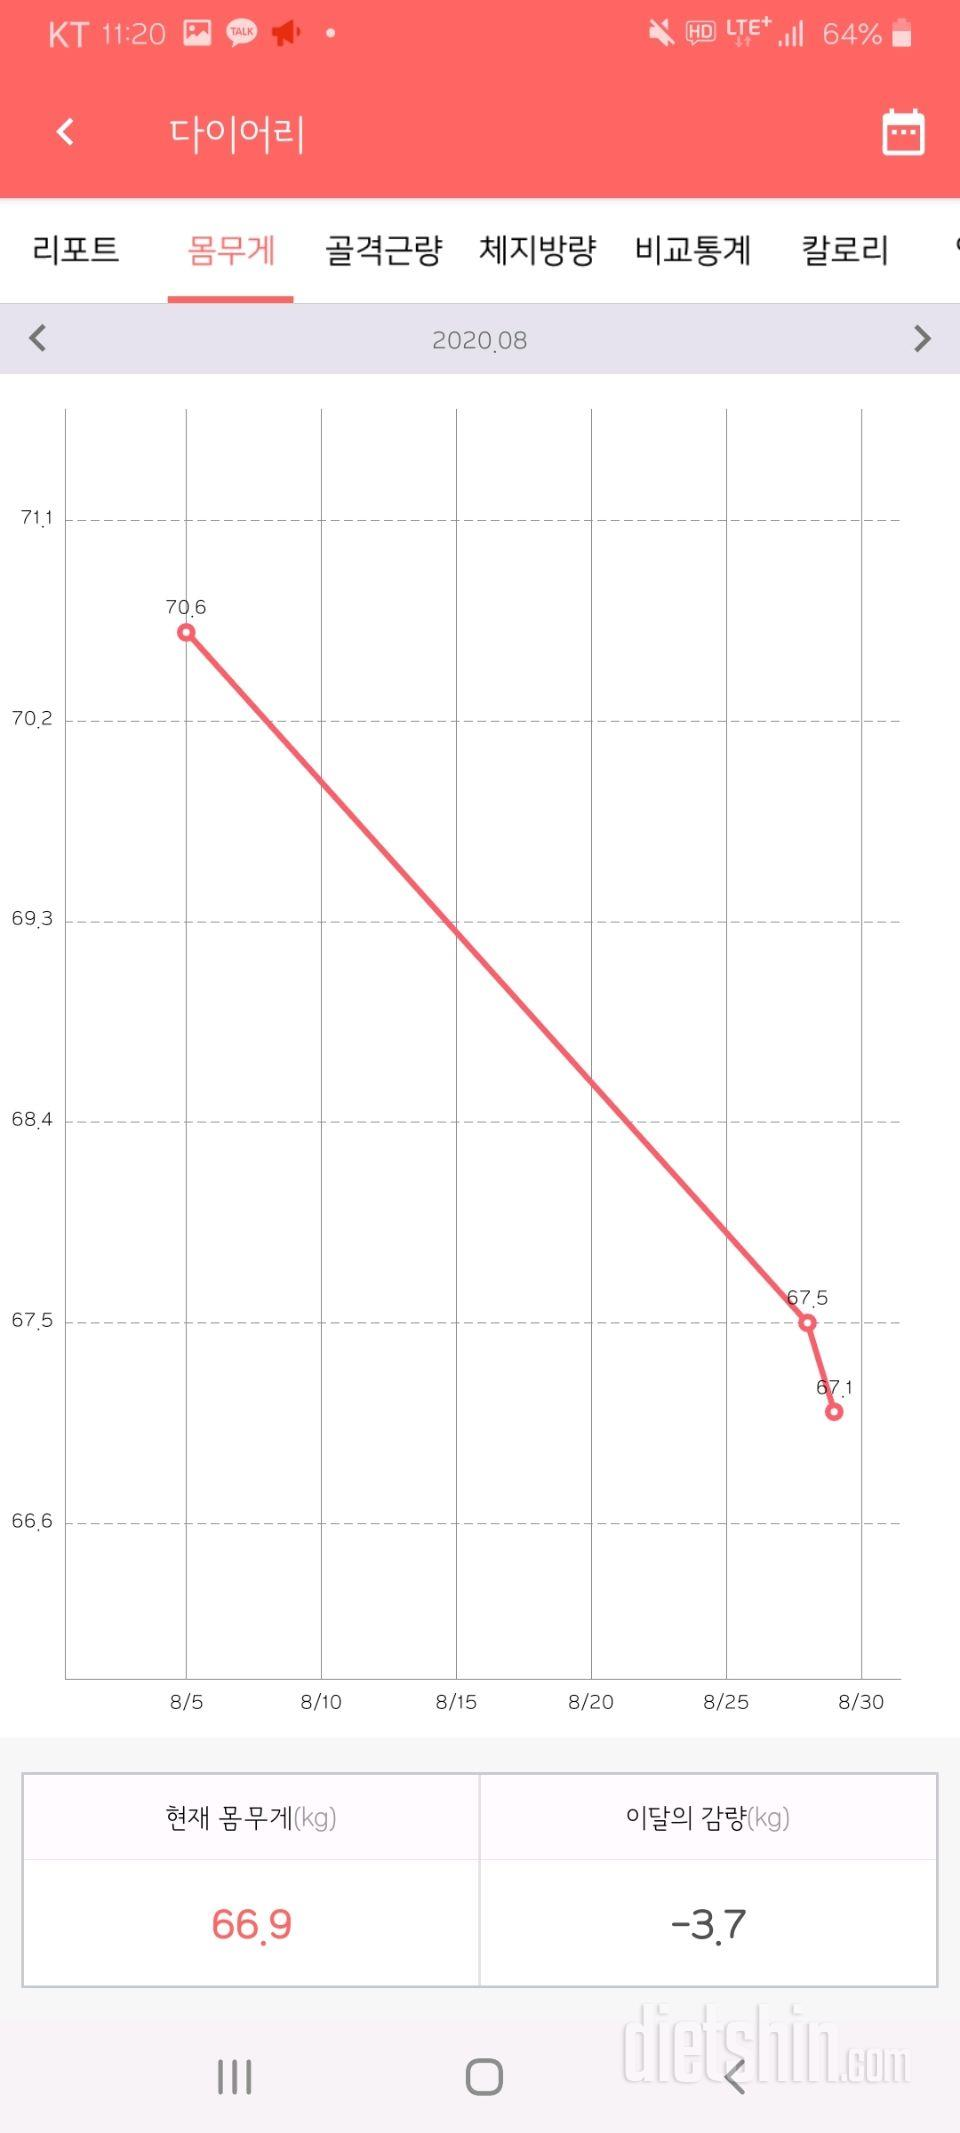 168cm 한달반동안 -7kg 후기